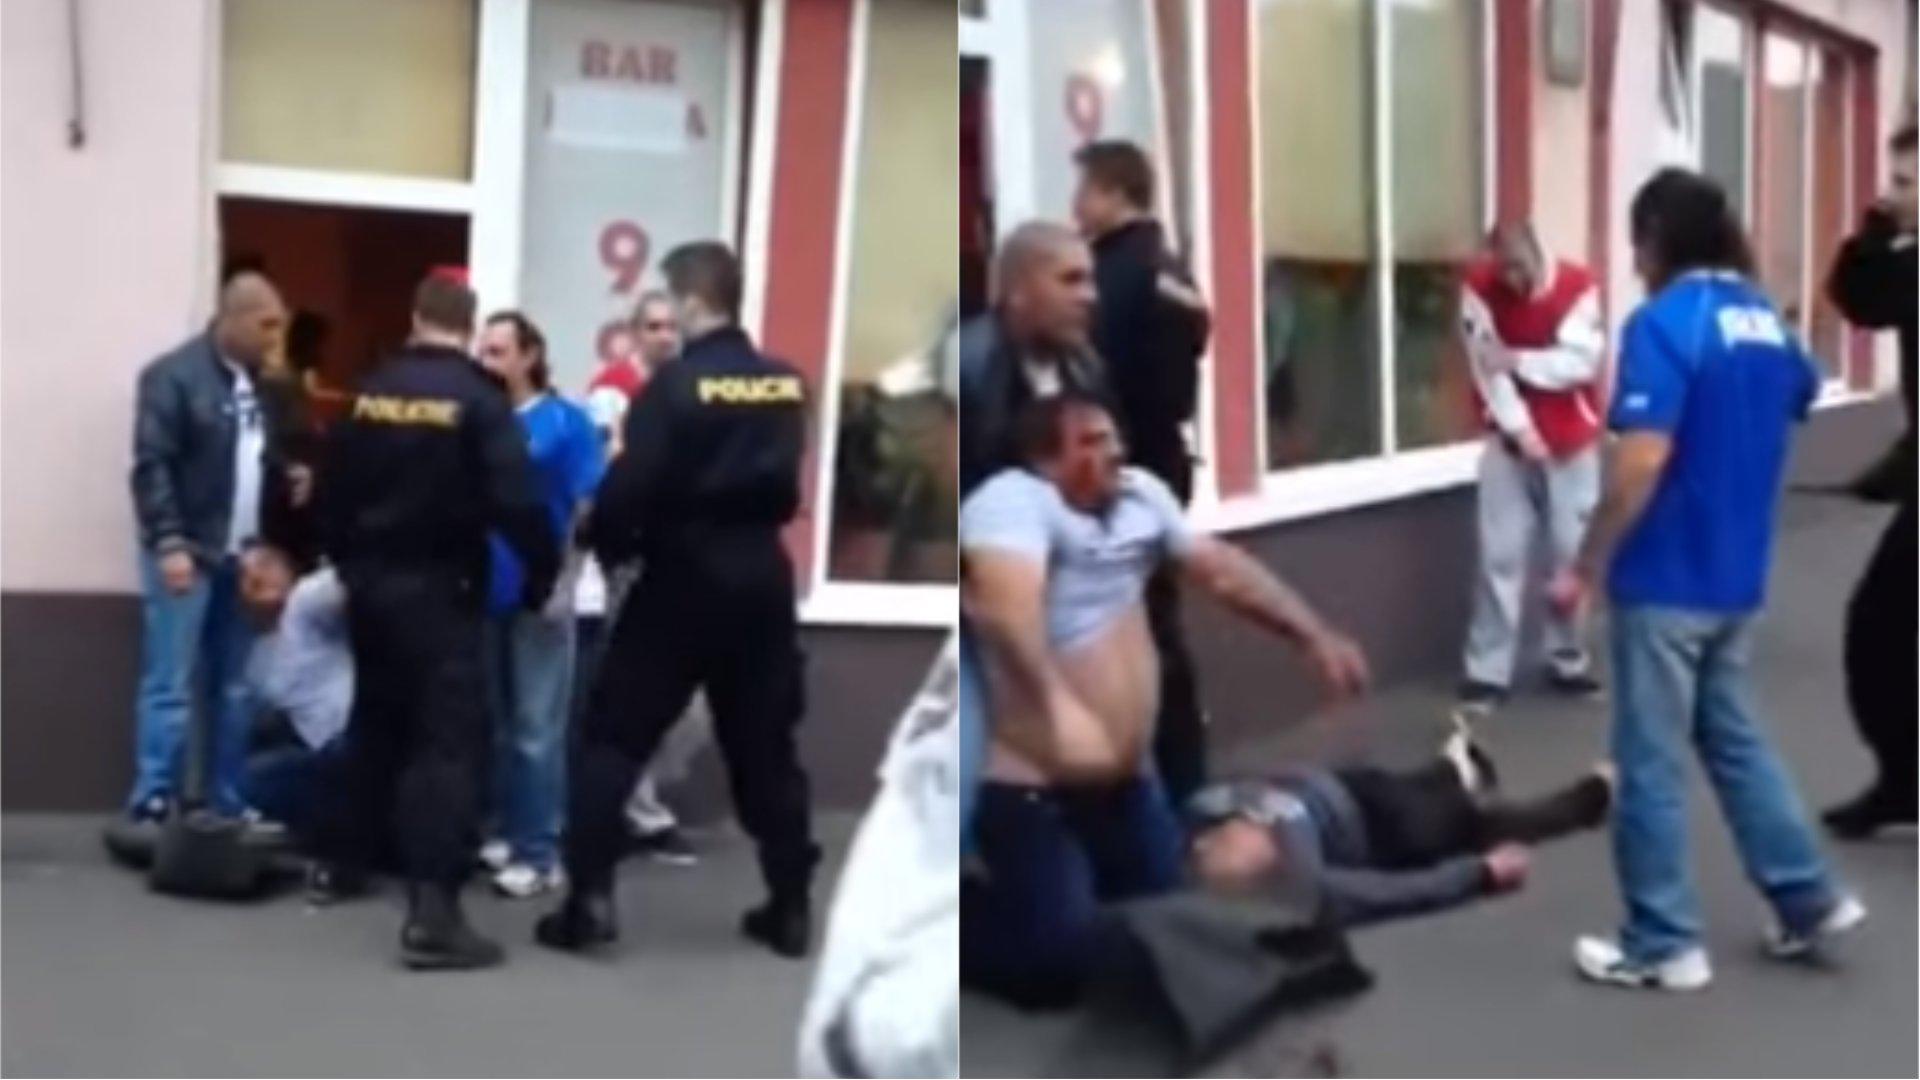 Policie se snažila opilce uklidnit.